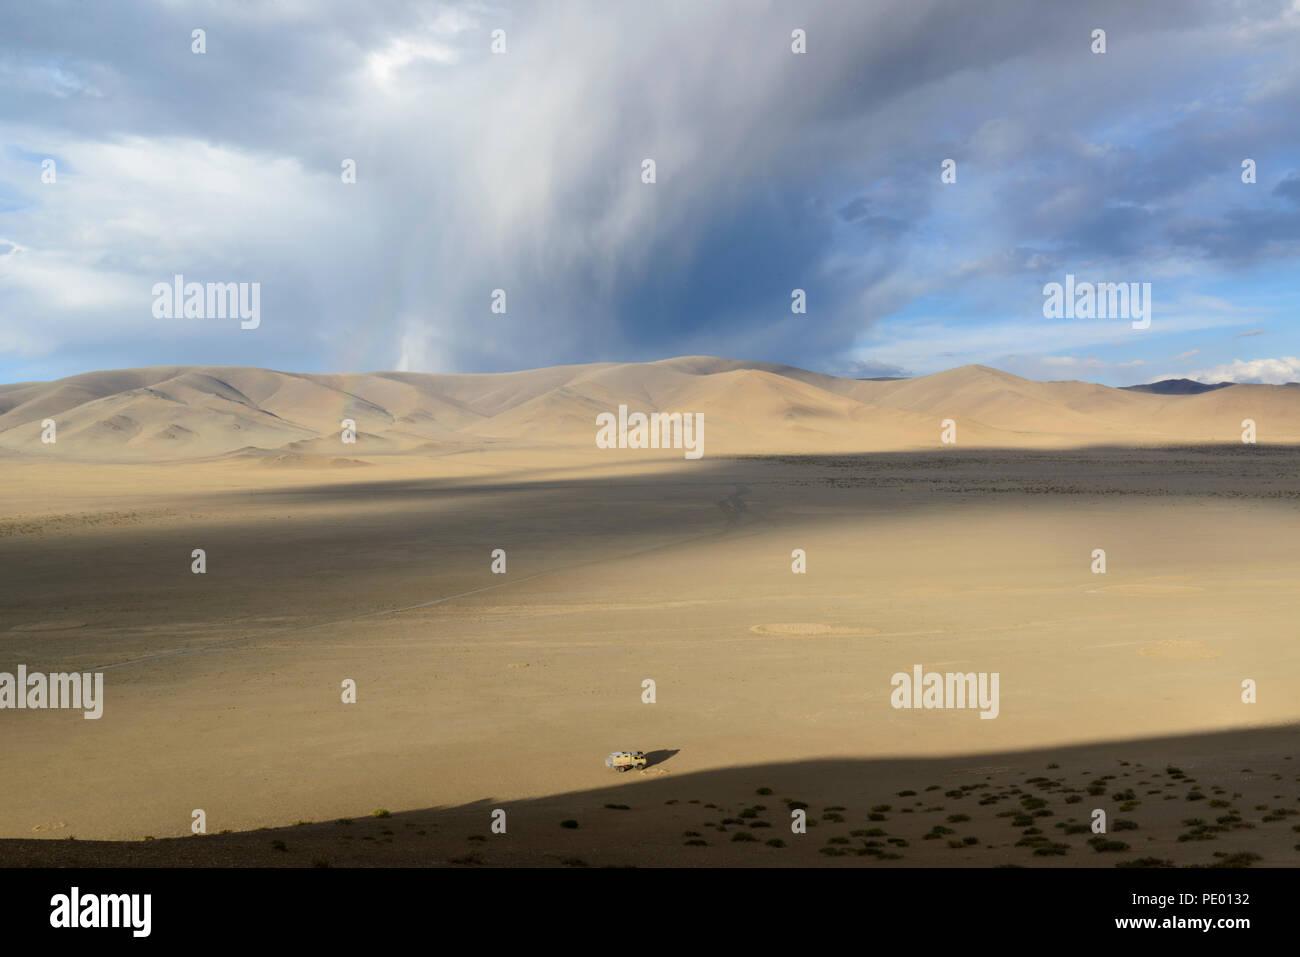 Des nuages orageux et partir sur un arc-en-plaine aride de la province en Bayan-Ólgii la Mongolie. Sur le premier plan de camions Overlander Photo Stock